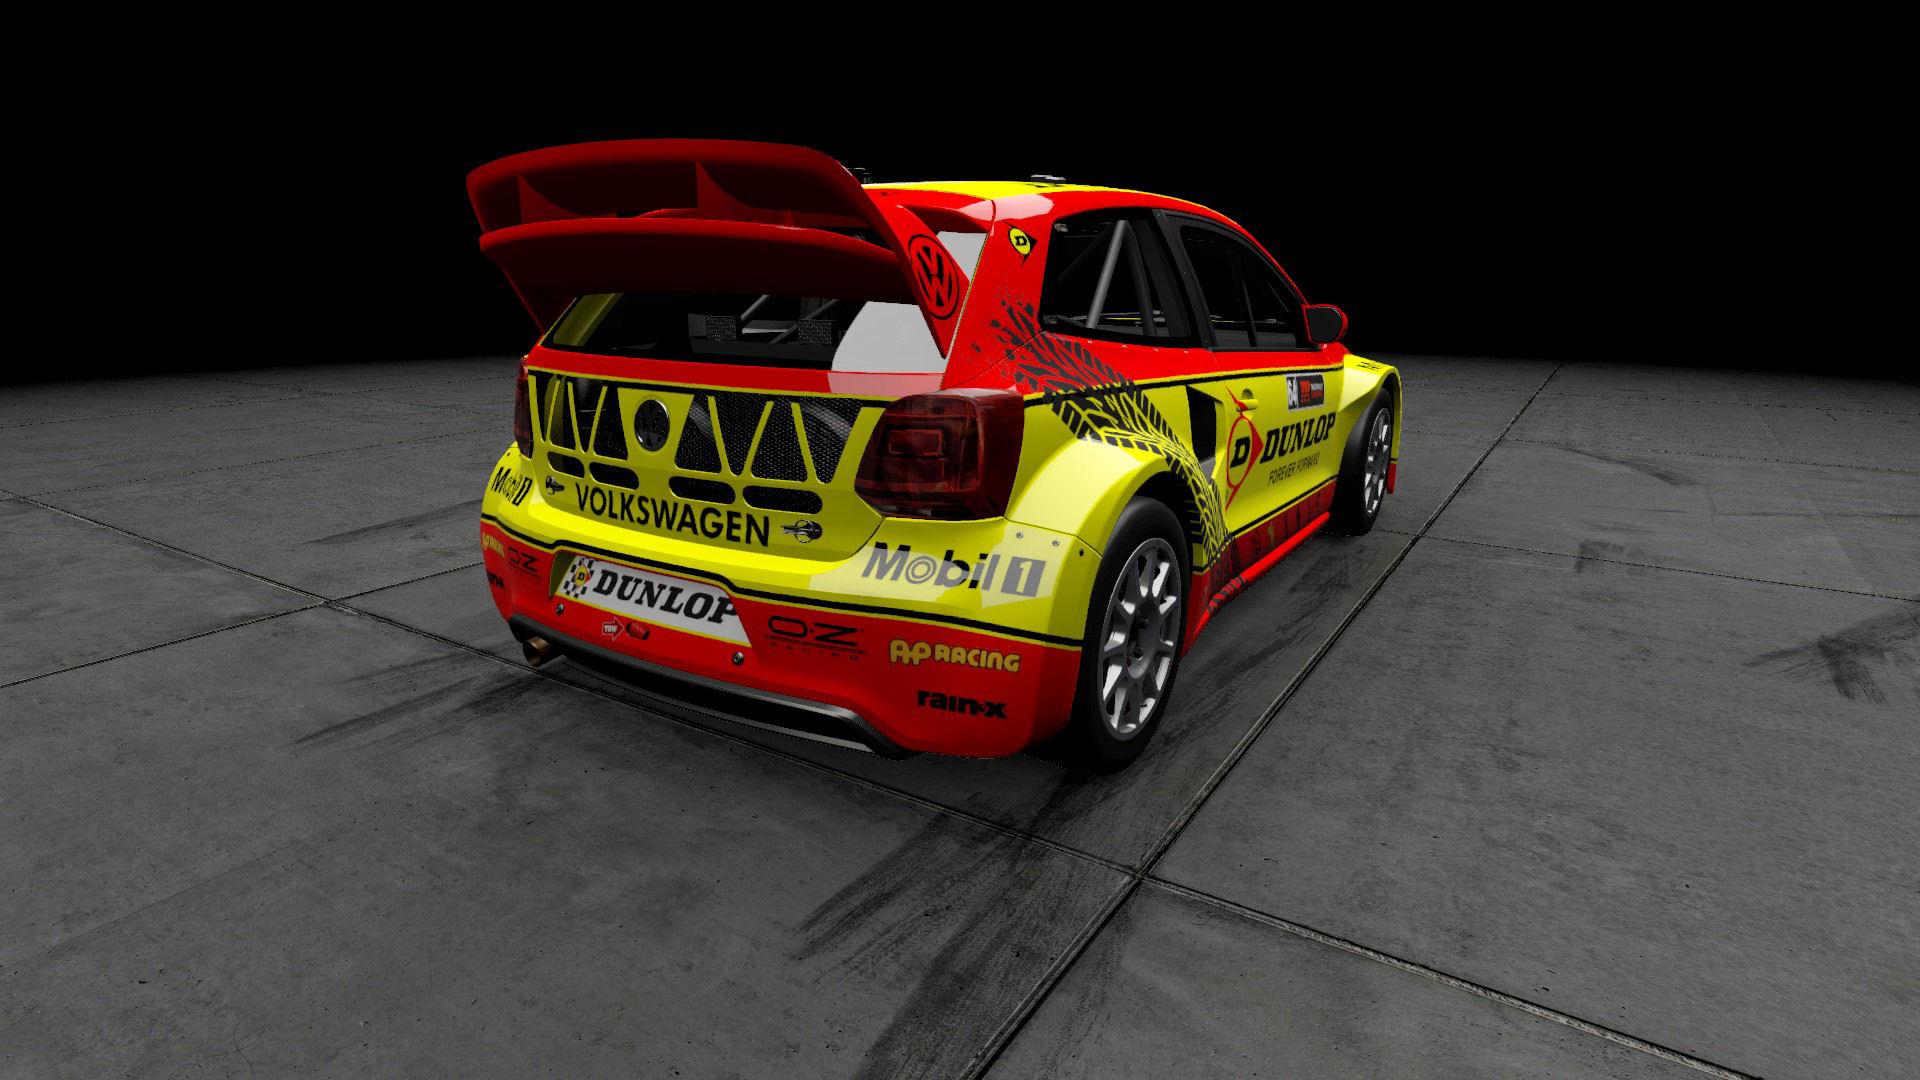 Dunlop VW Polo RX 03.jpg